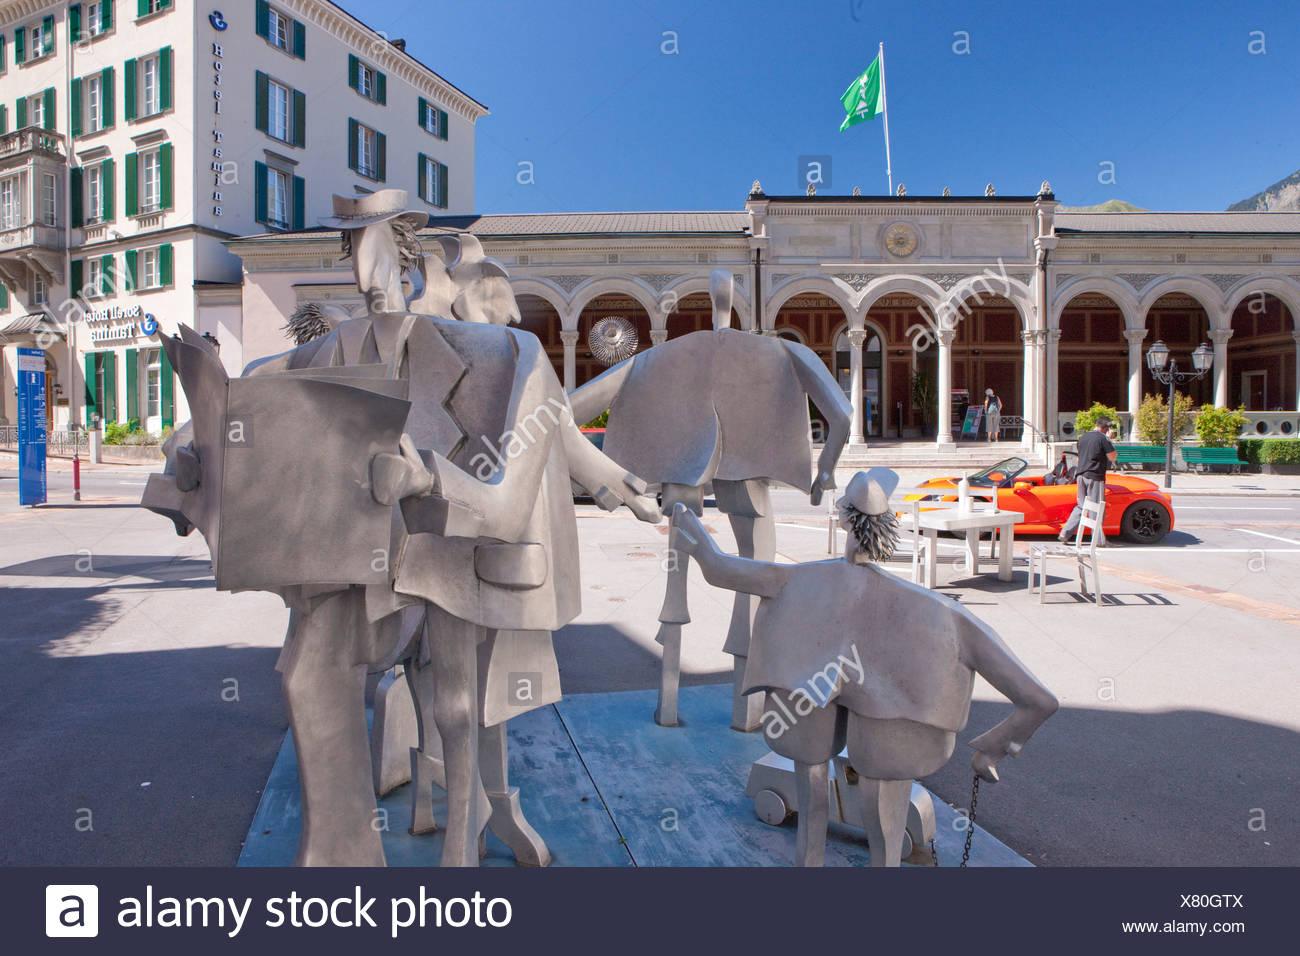 RagARTs, cultura, cantón, SG, St. Gallen, Suiza, Europa, el arte, la habilidad, Bad Ragaz, figuras Imagen De Stock